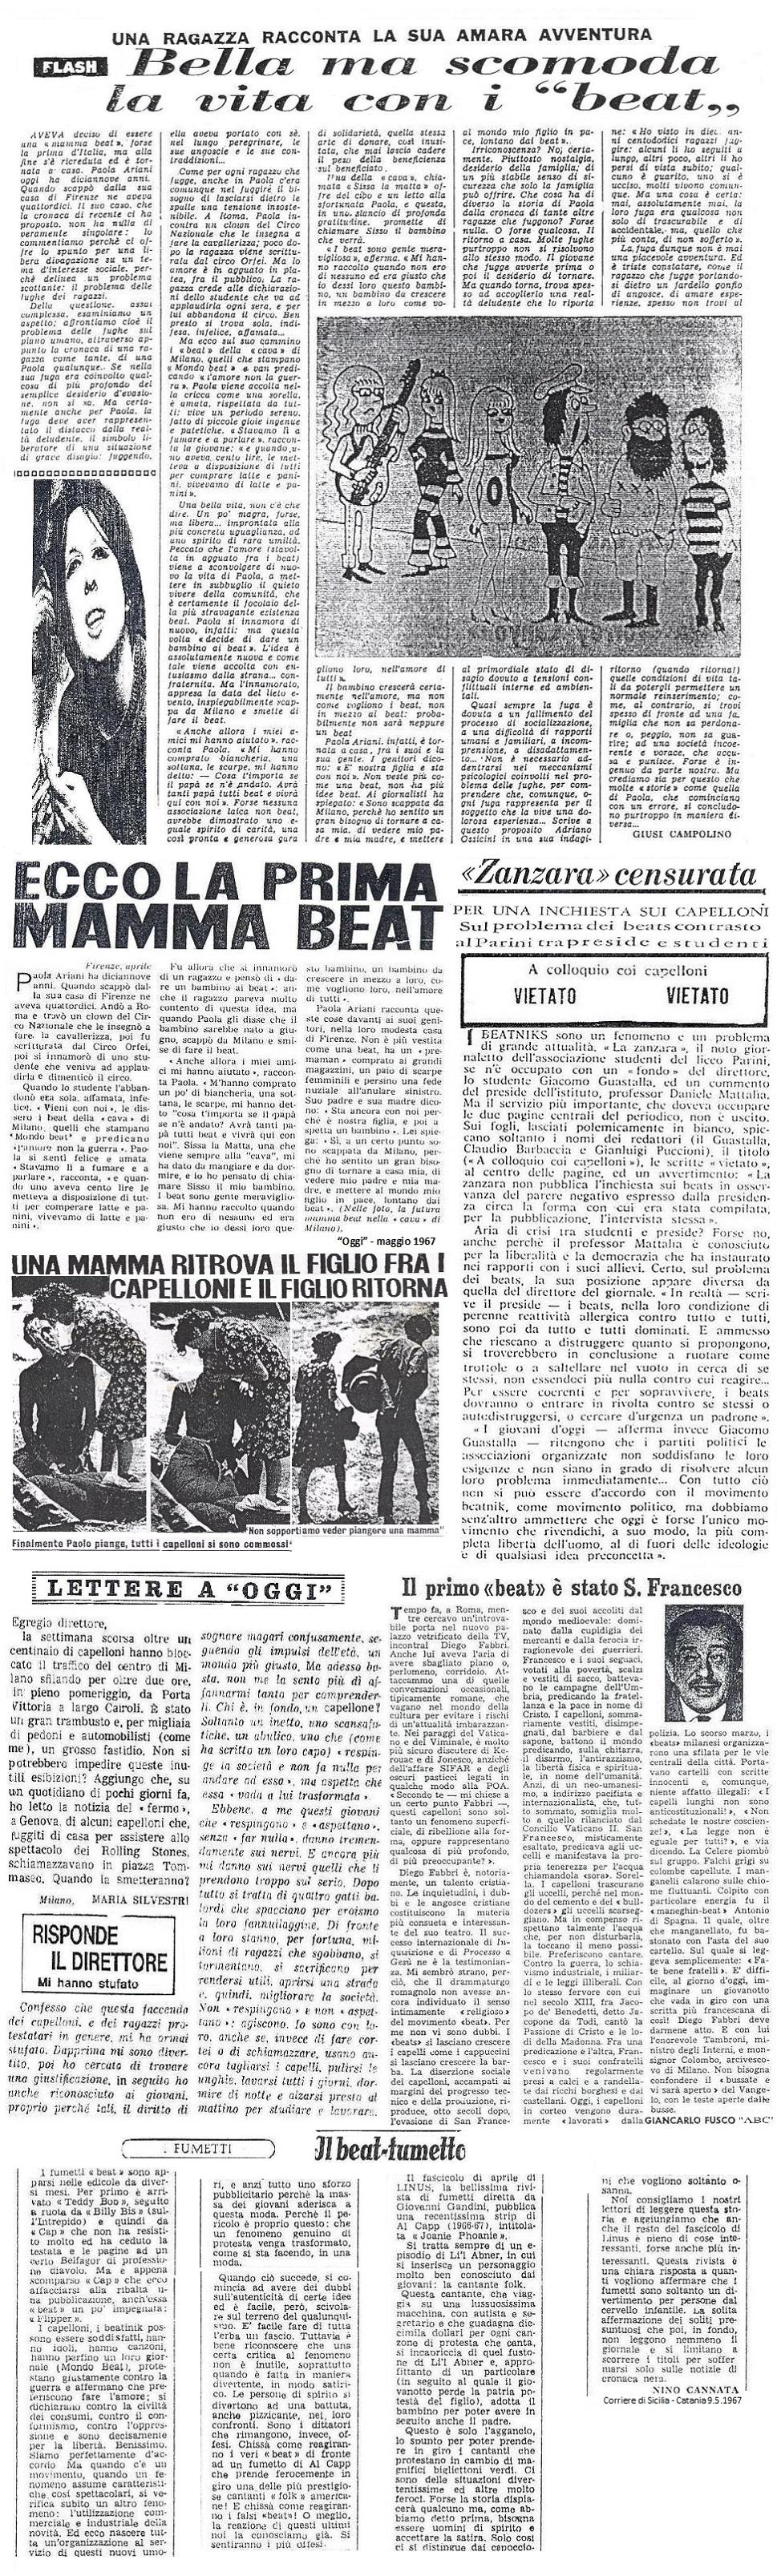 """L'articolo sui beats, del giornale scolastico """"Zanzara"""" del liceo Parini, censurato dal preside Daniele Mattalia"""